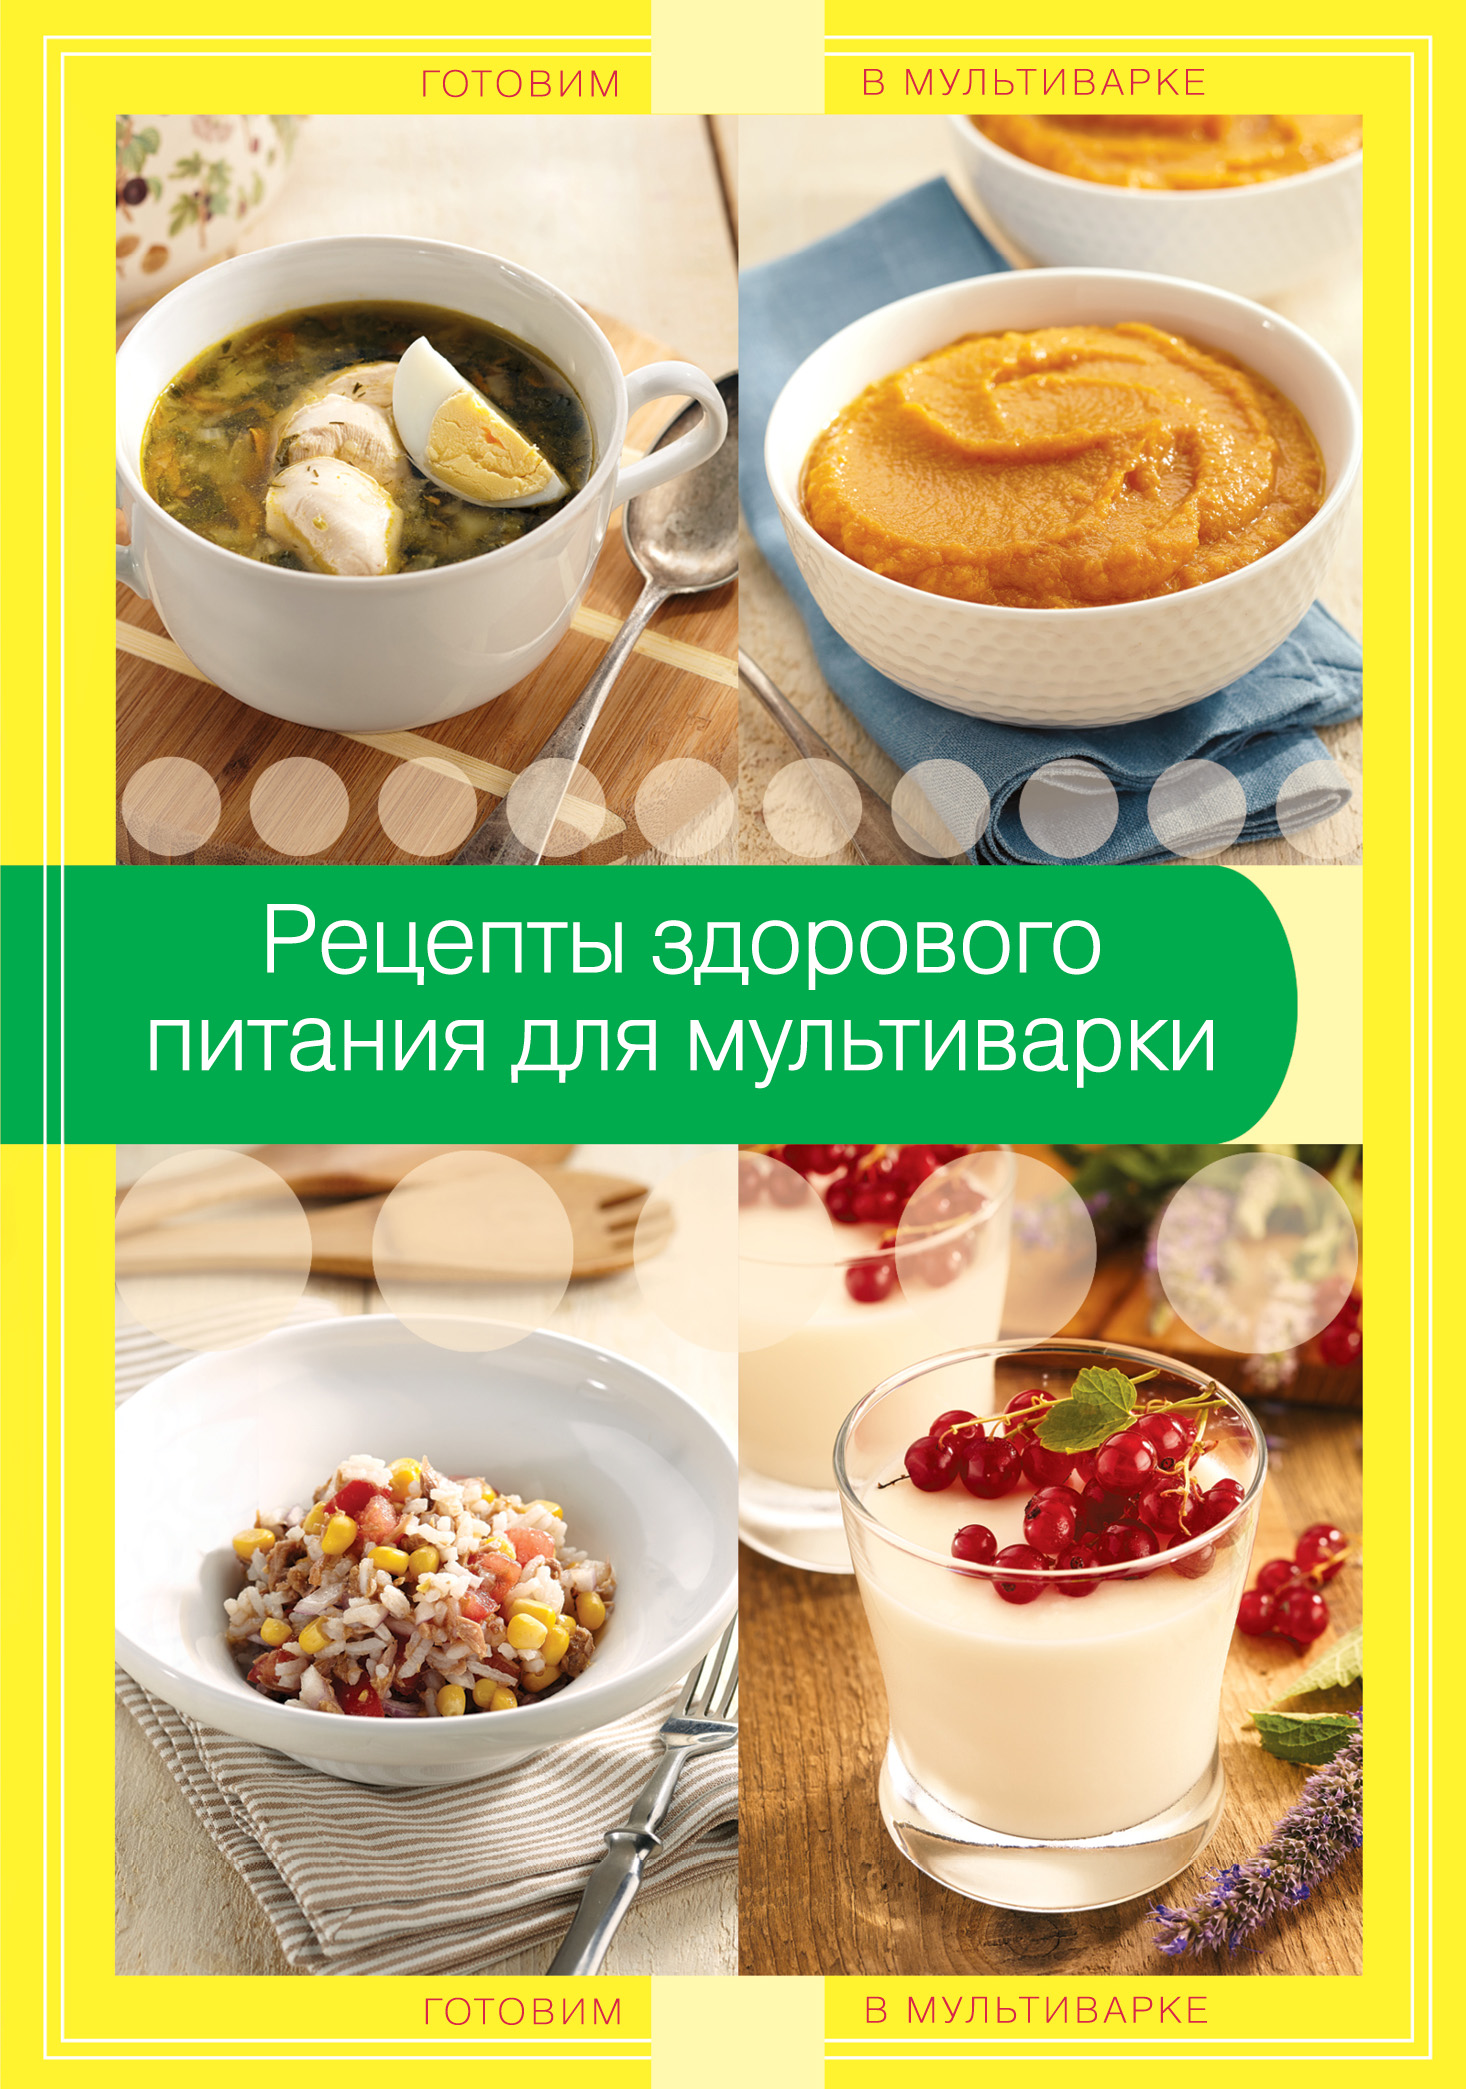 Рецепты здорового питания для мультиварки